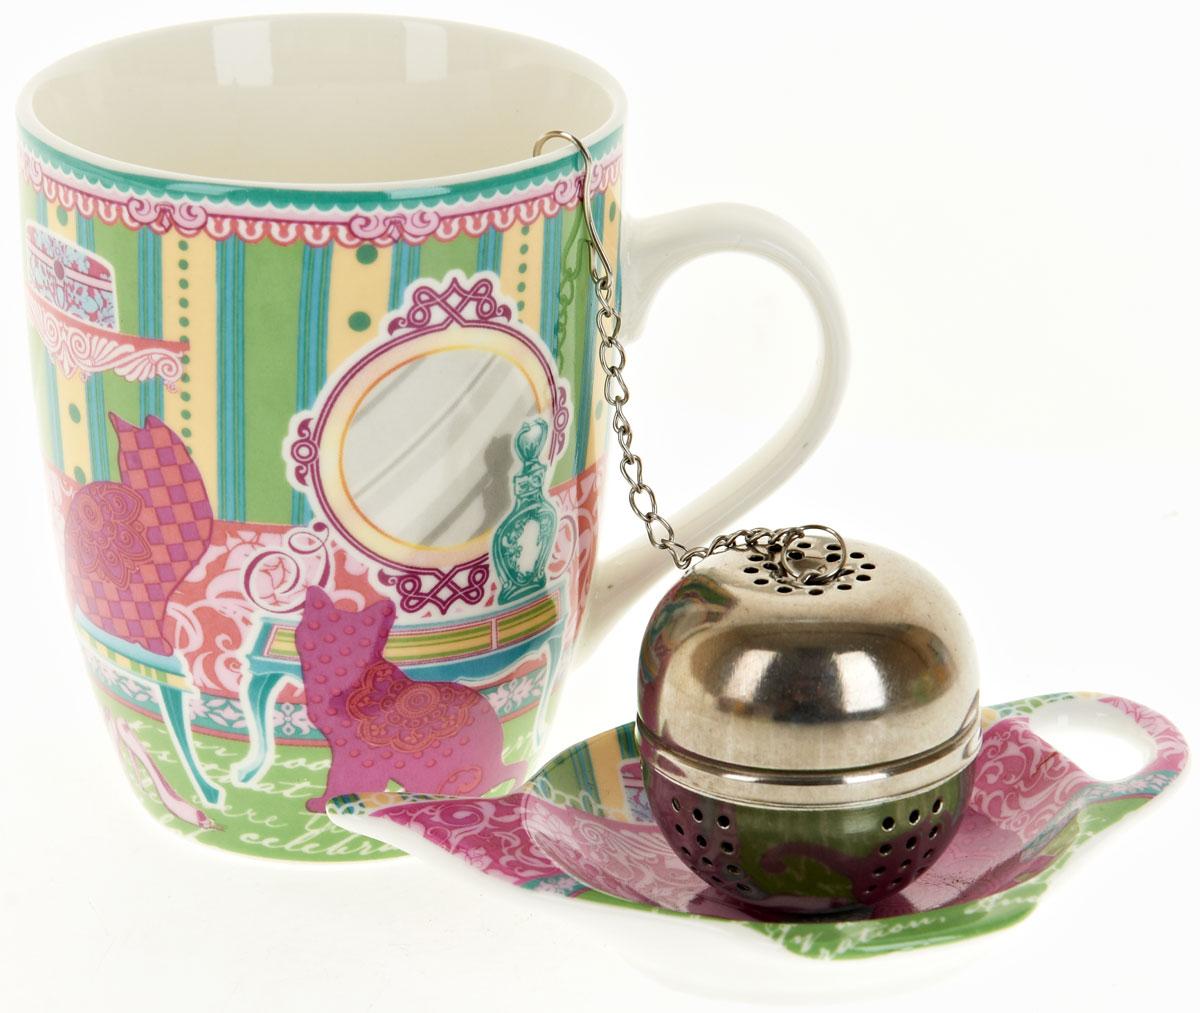 Кружка Nouvelle De France Кошки, с фильтром, с подставкой под чайный пакетик, 340 мл115510Оригинальная кружка Nouvelle с ситечком для заварки и подставкой под чайный пакетик, выполненная из высококачественного фарфора, сочетает в себе изысканный дизайн с максимальной функциональностью.Красочность оформления кружки придется по вкусу и ценителям классики, и тем, кто предпочитает утонченность и изысканность.В комплект входит кружка, ситечко и подставка. Можно использовать в ПММ.